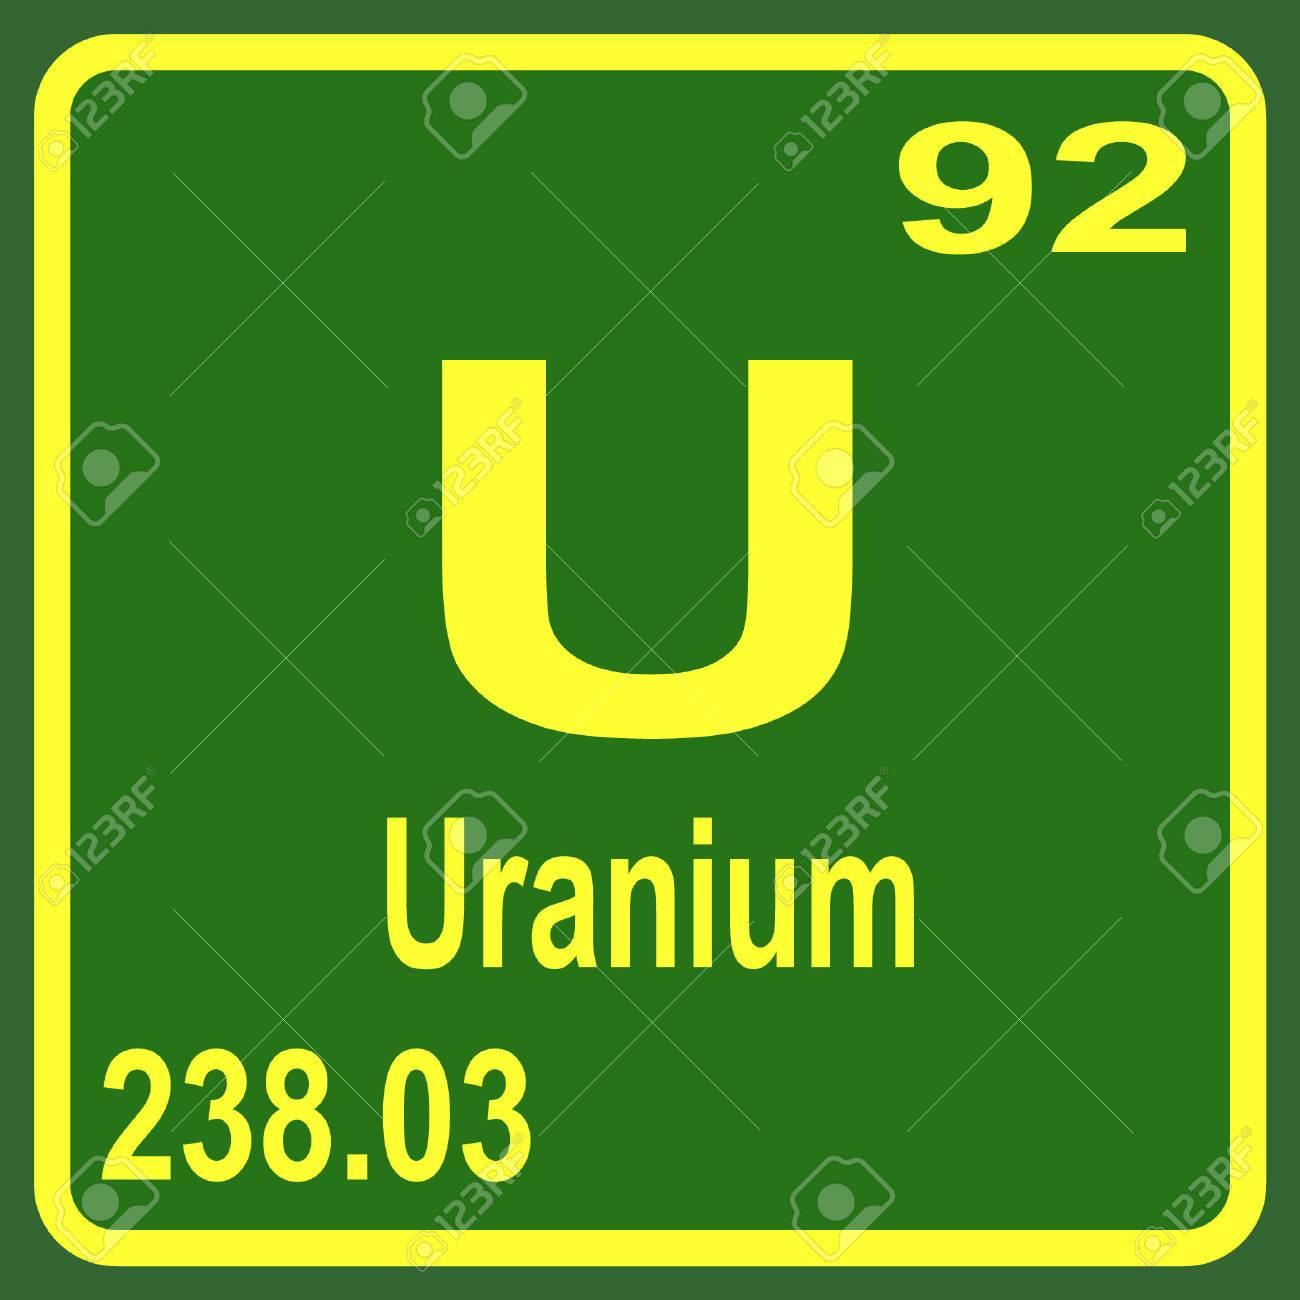 periodic table of elements uranium stock vector 53901564 - Periodic Table Of Elements Uranium